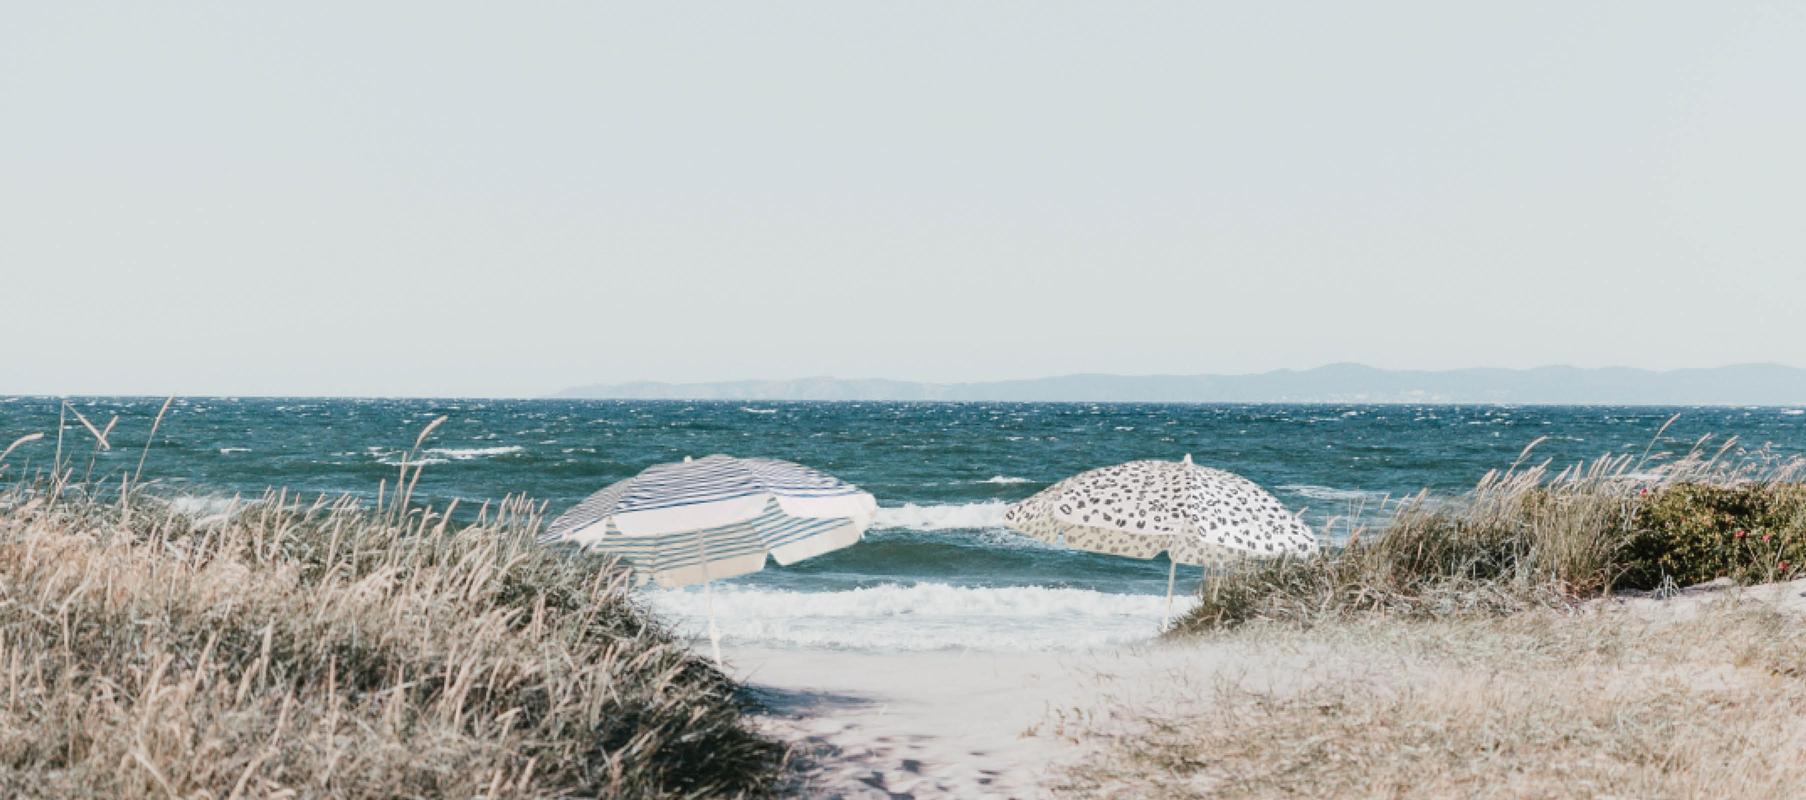 25% Off Beach Umbrellas